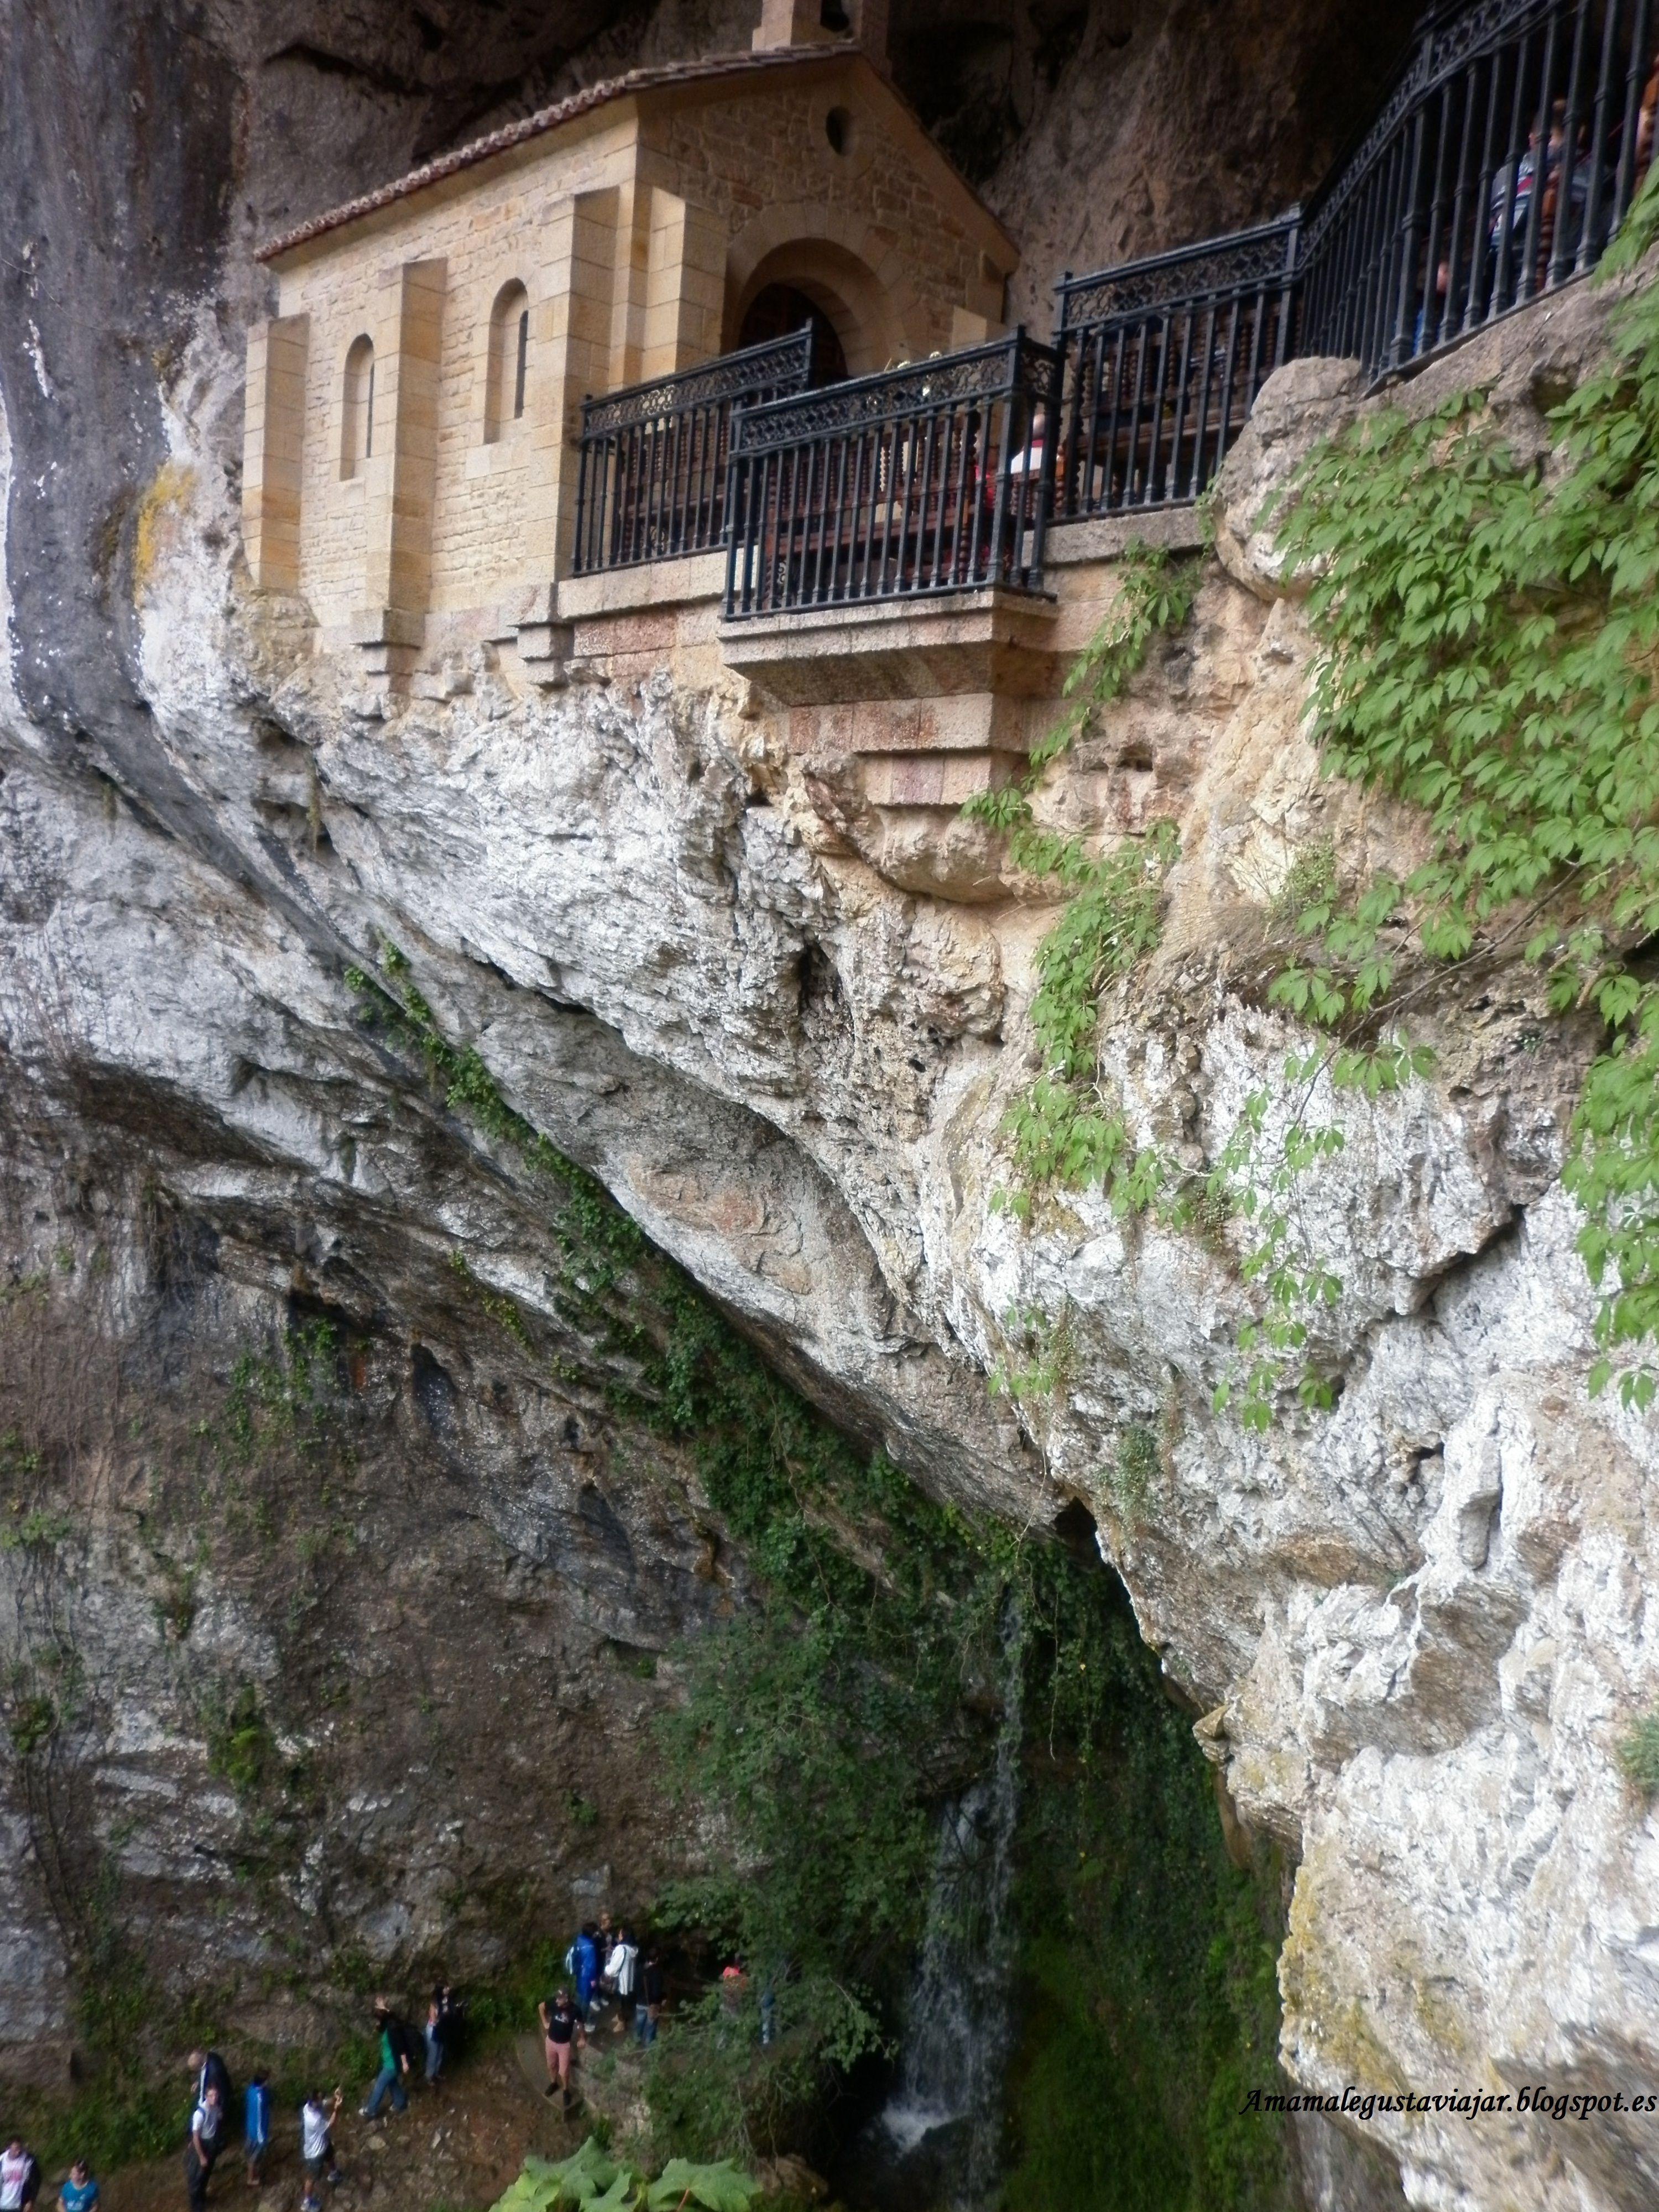 Ermita y cascada de la Virgen de Covadonga, patrona de Asturias.